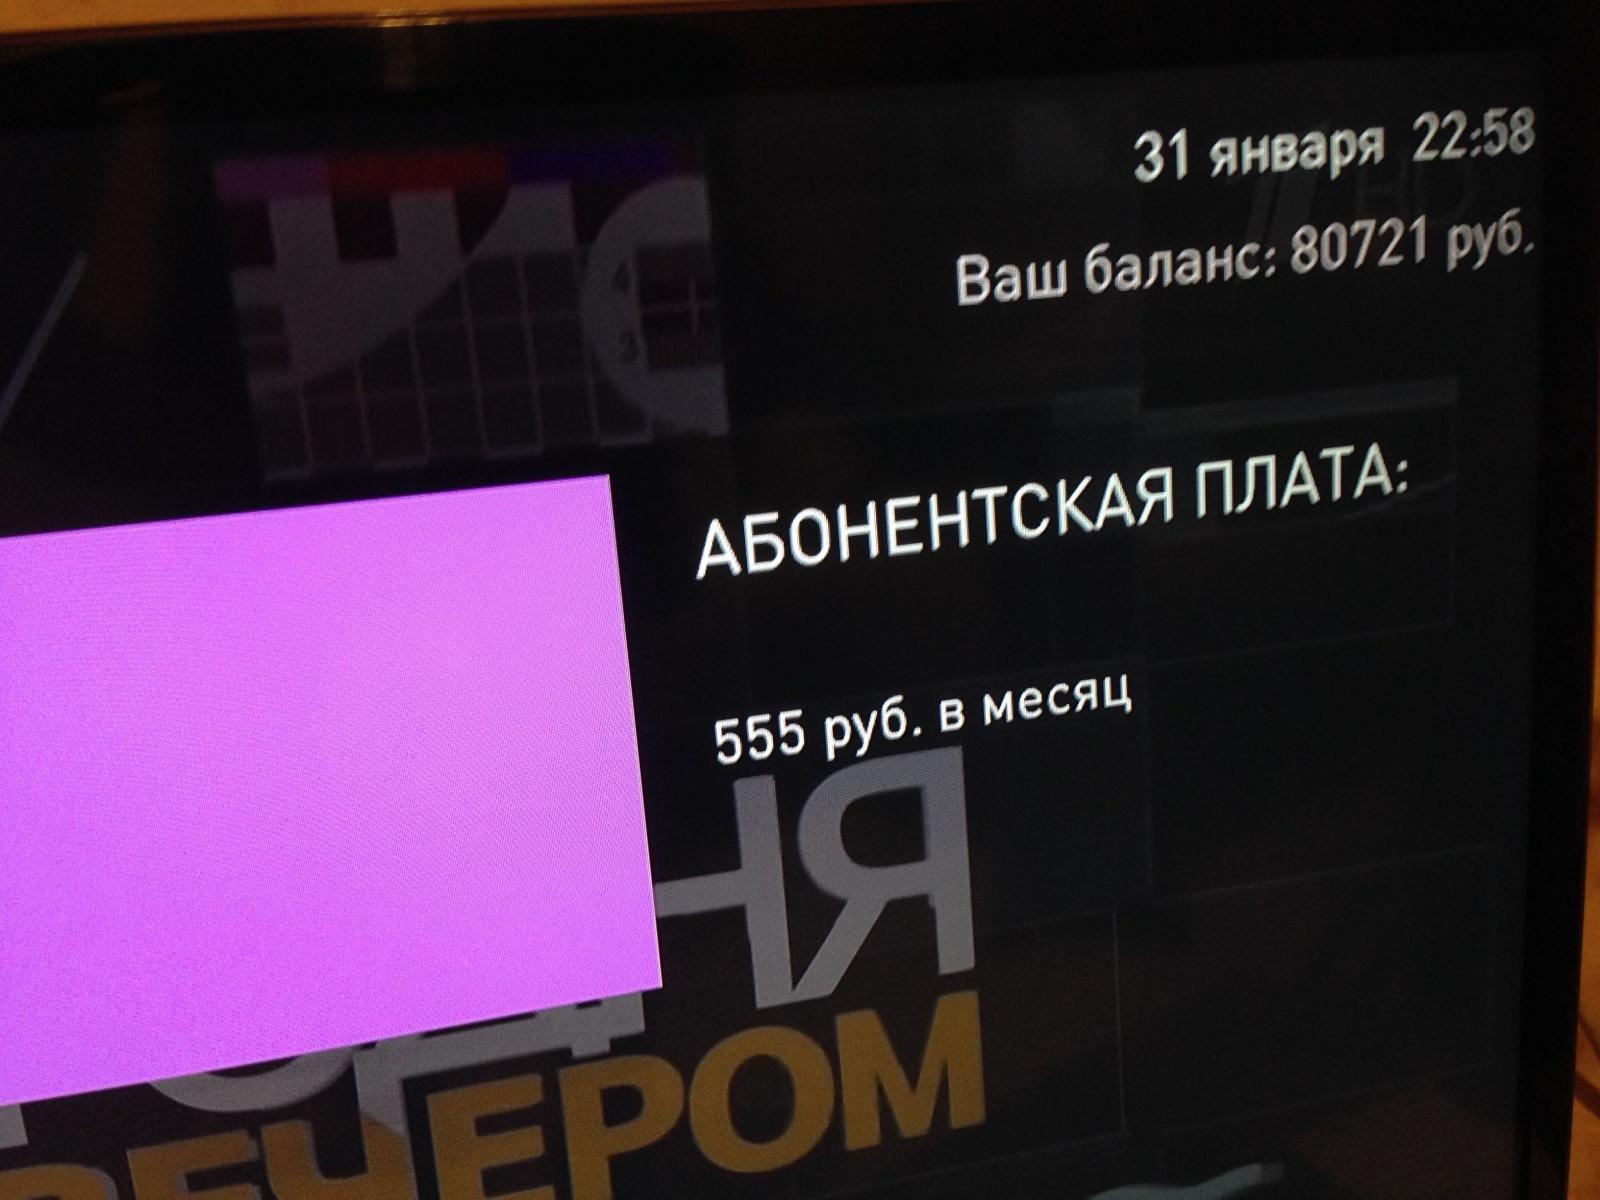 Ростелеком интерактивное ТВ способно отображать на экране тарифы на телевидение. 555 рублей в месяц